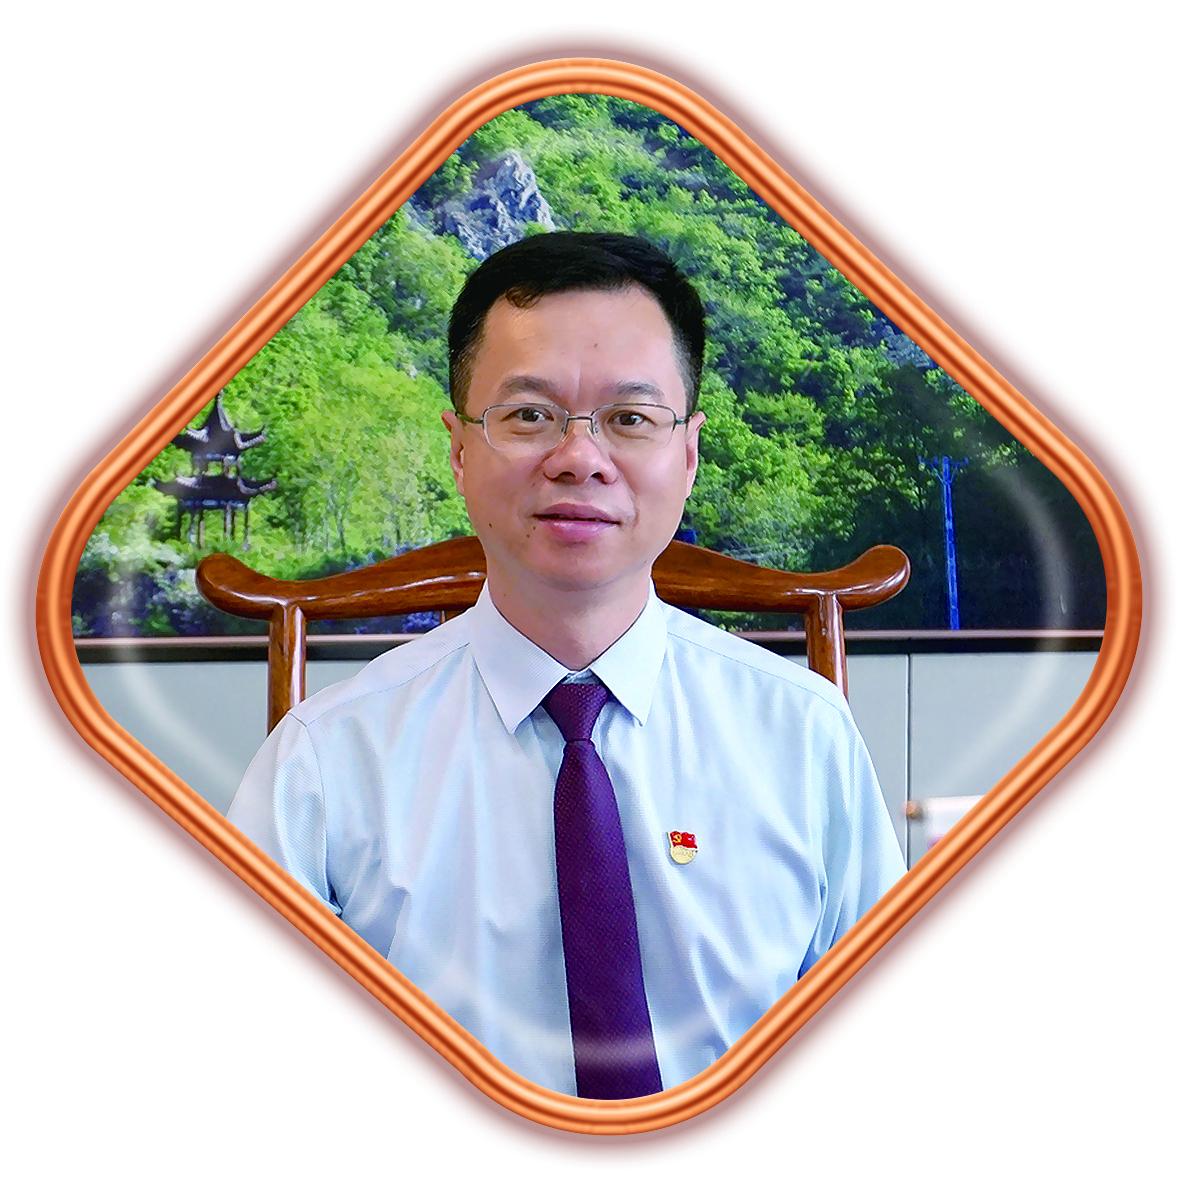 泉州农商银行党委书记、董事长林向前:用普惠金融铺就乡村振兴阳光大道